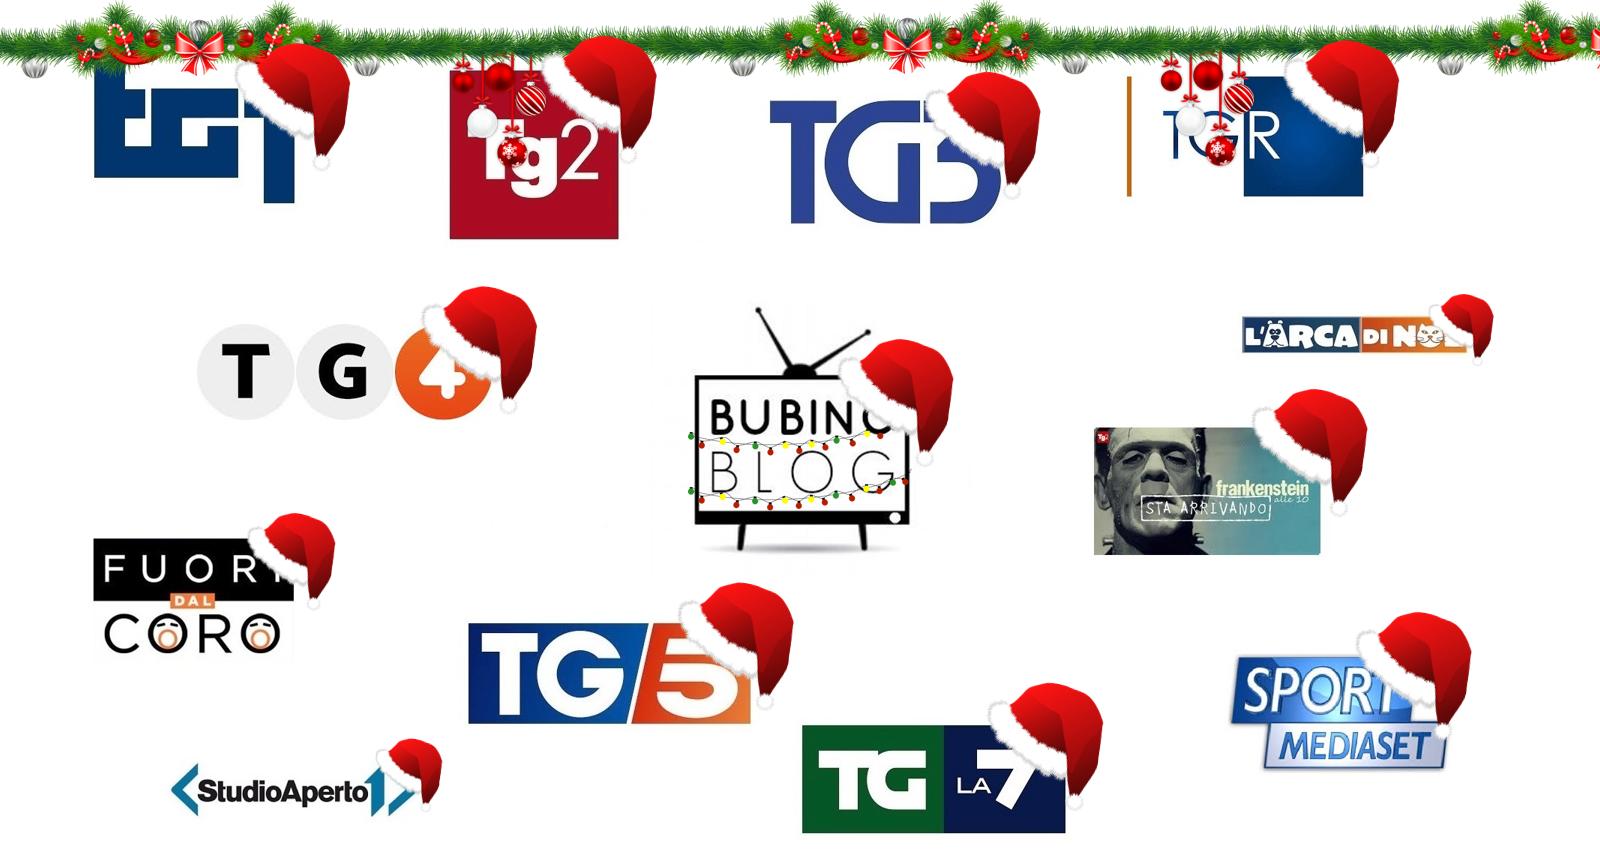 Tg4 Archives - BubinoBlog - Ascolti e Notizie sulla Tv c2f06365f77